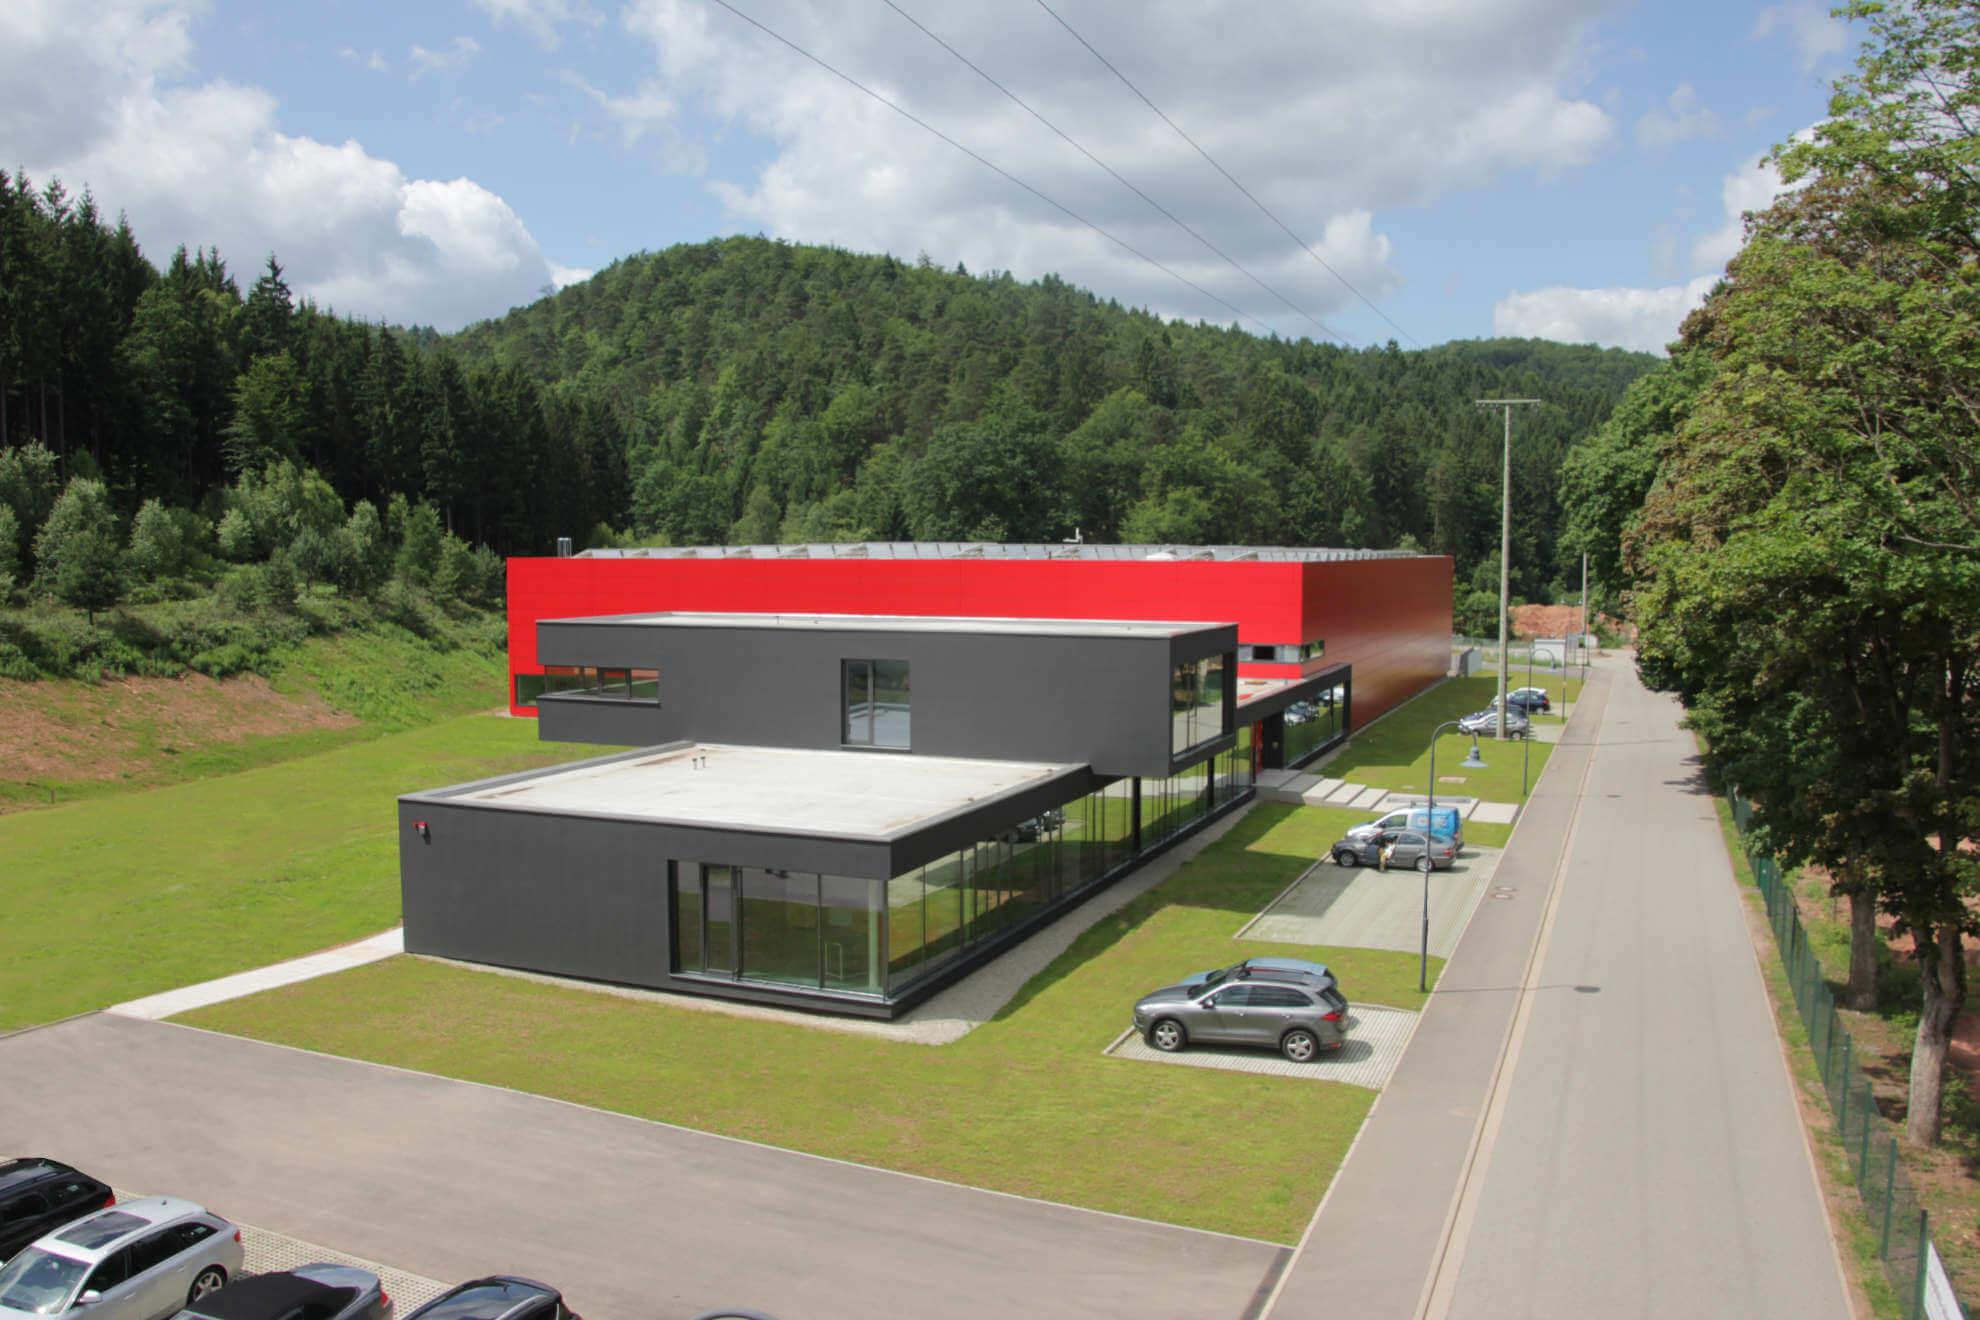 smz-a-01-marcbetz architekten